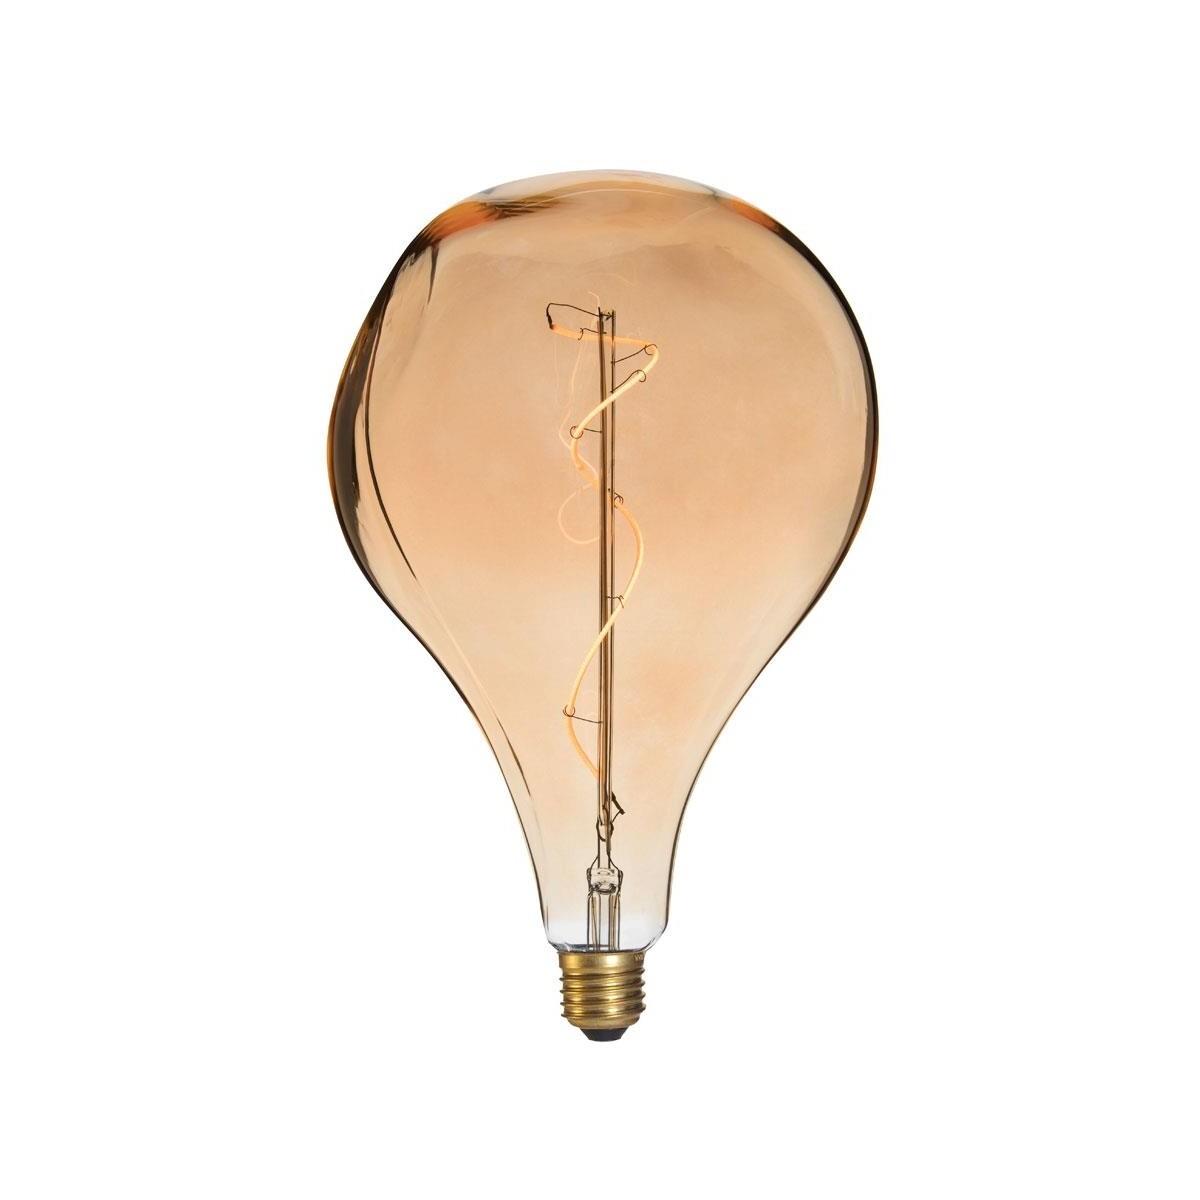 Image of Pære LED 4W (150lm) Unika De Luxe Dæmpbar E27 - GN (12434962)